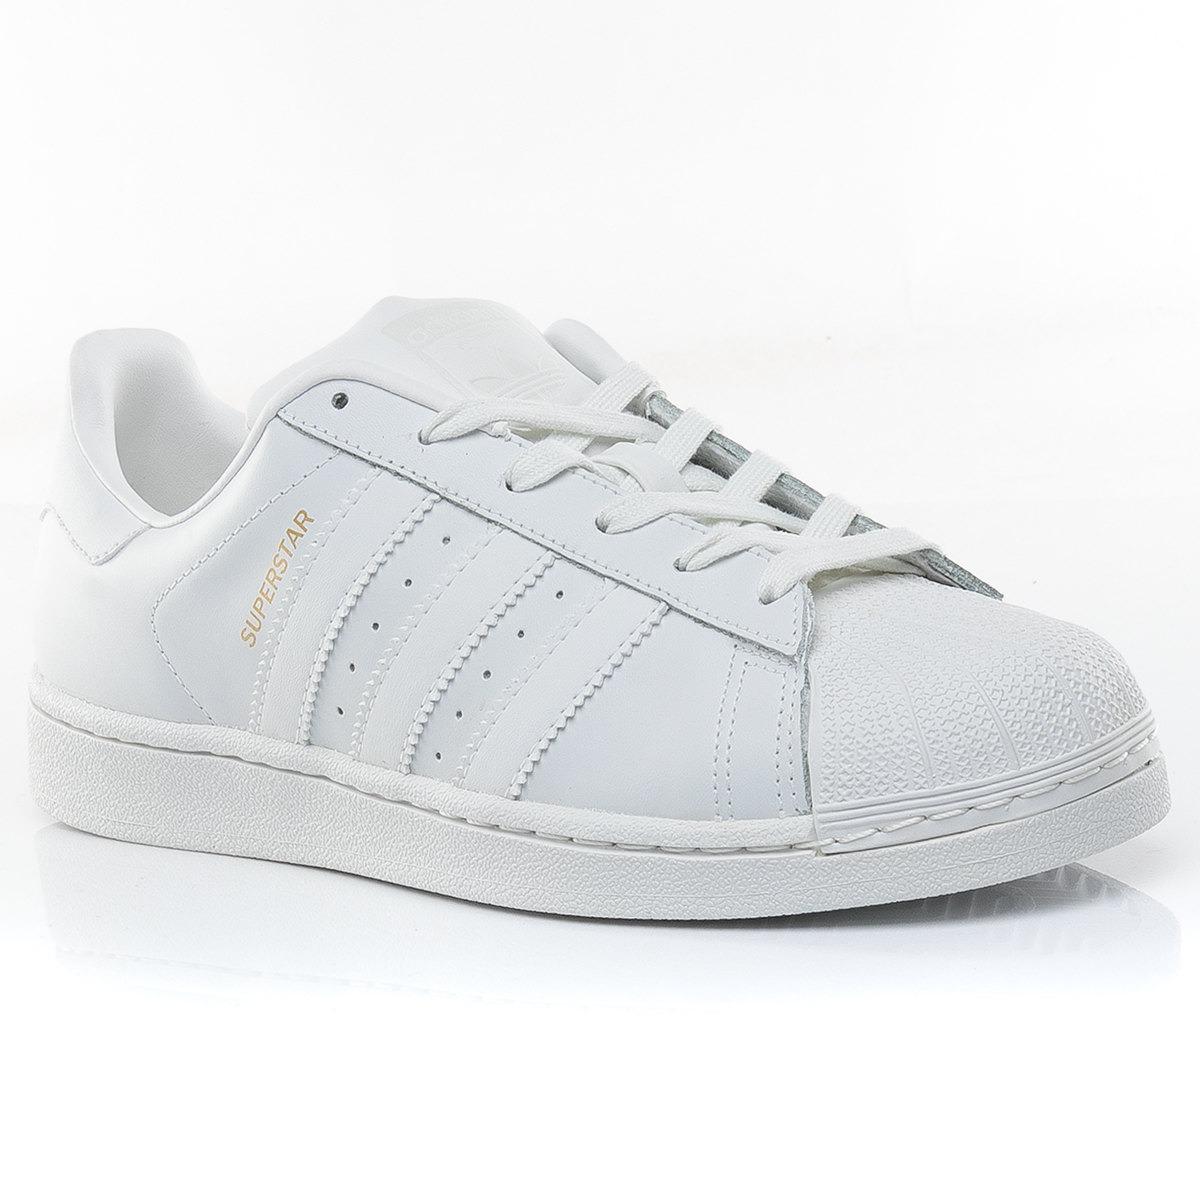 sports shoes 48278 6e5b3 zapatillas superstar bicolor adidas originals tienda oficial ...